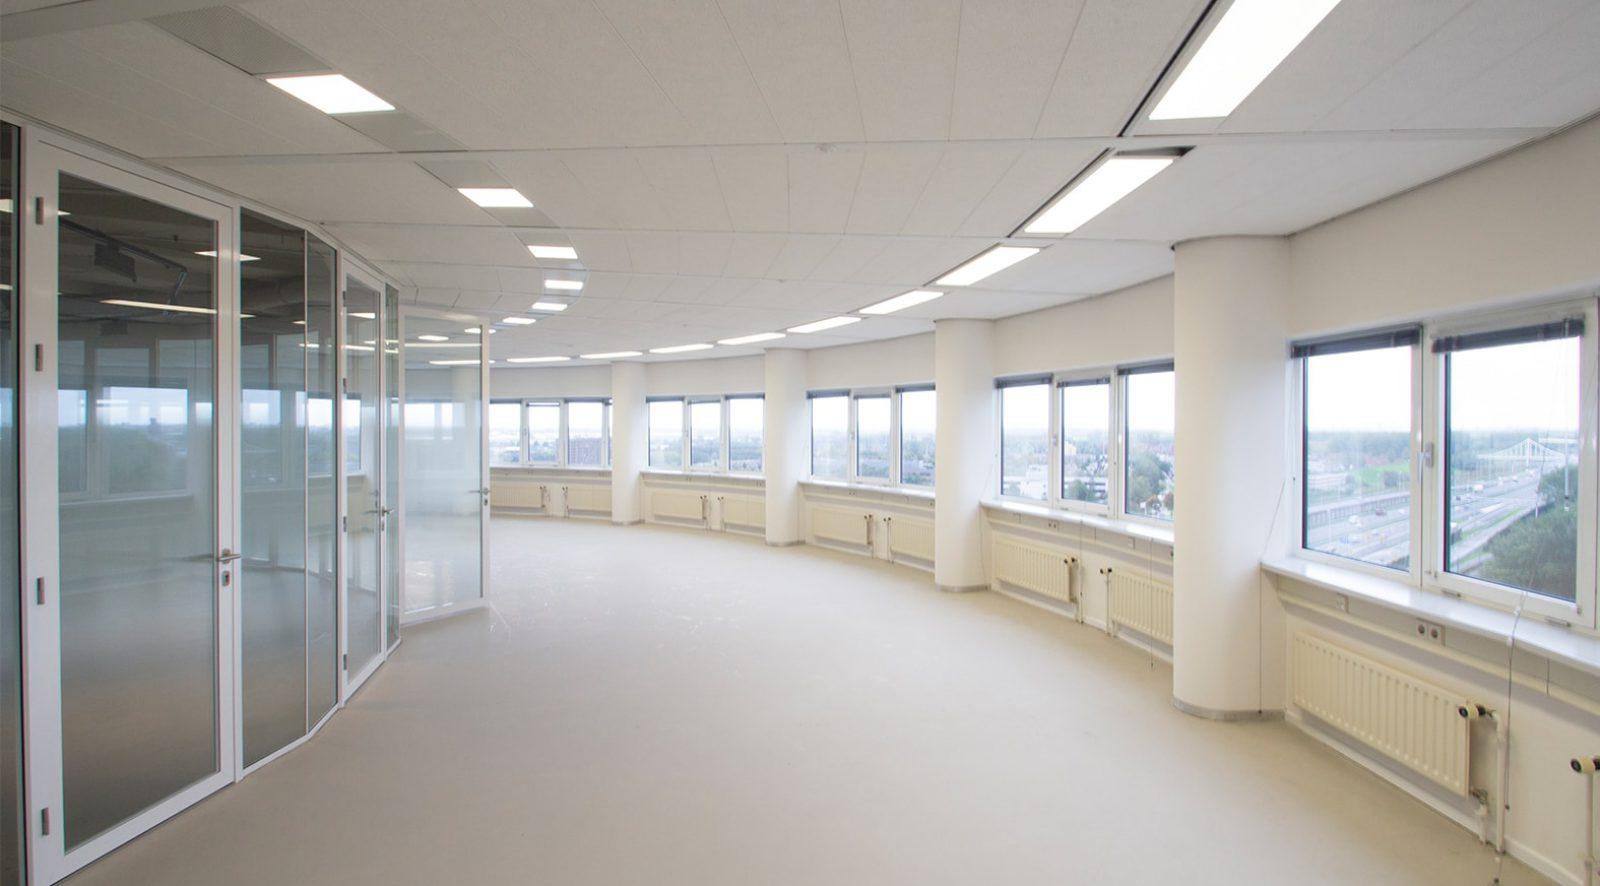 Kantoorruimte huren | Crown Business Center Zoetermeer